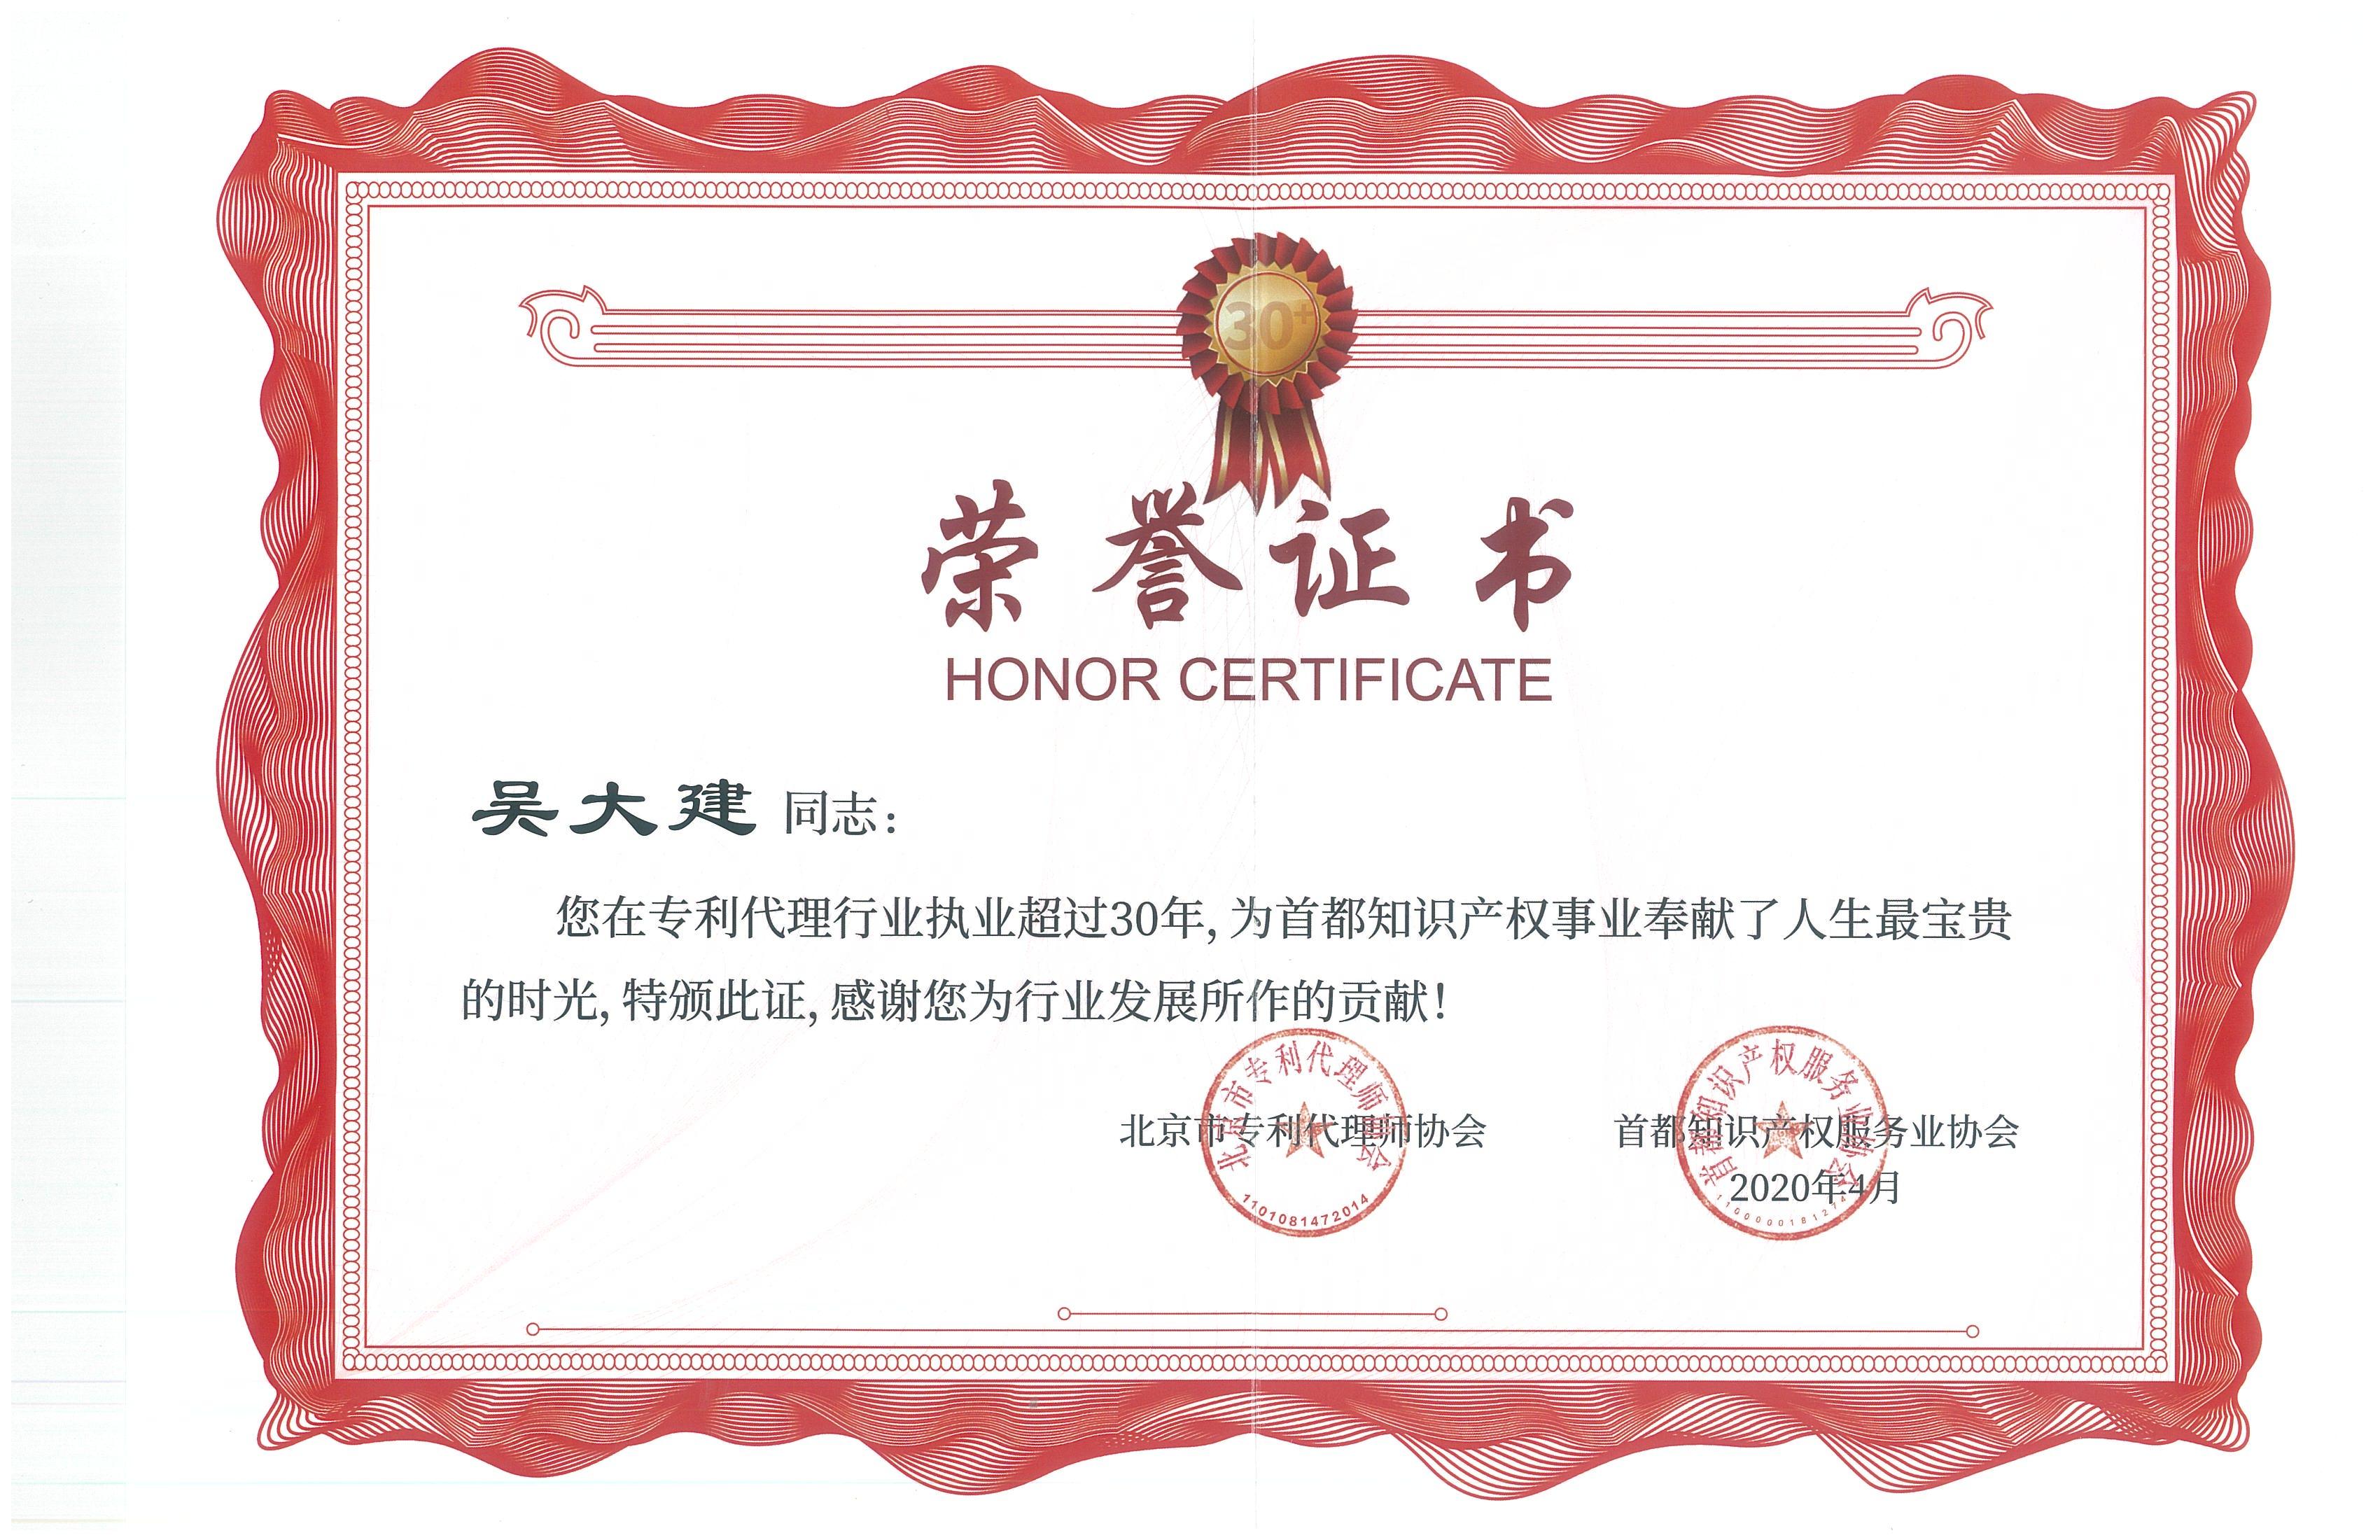 执业超过30年荣誉证书